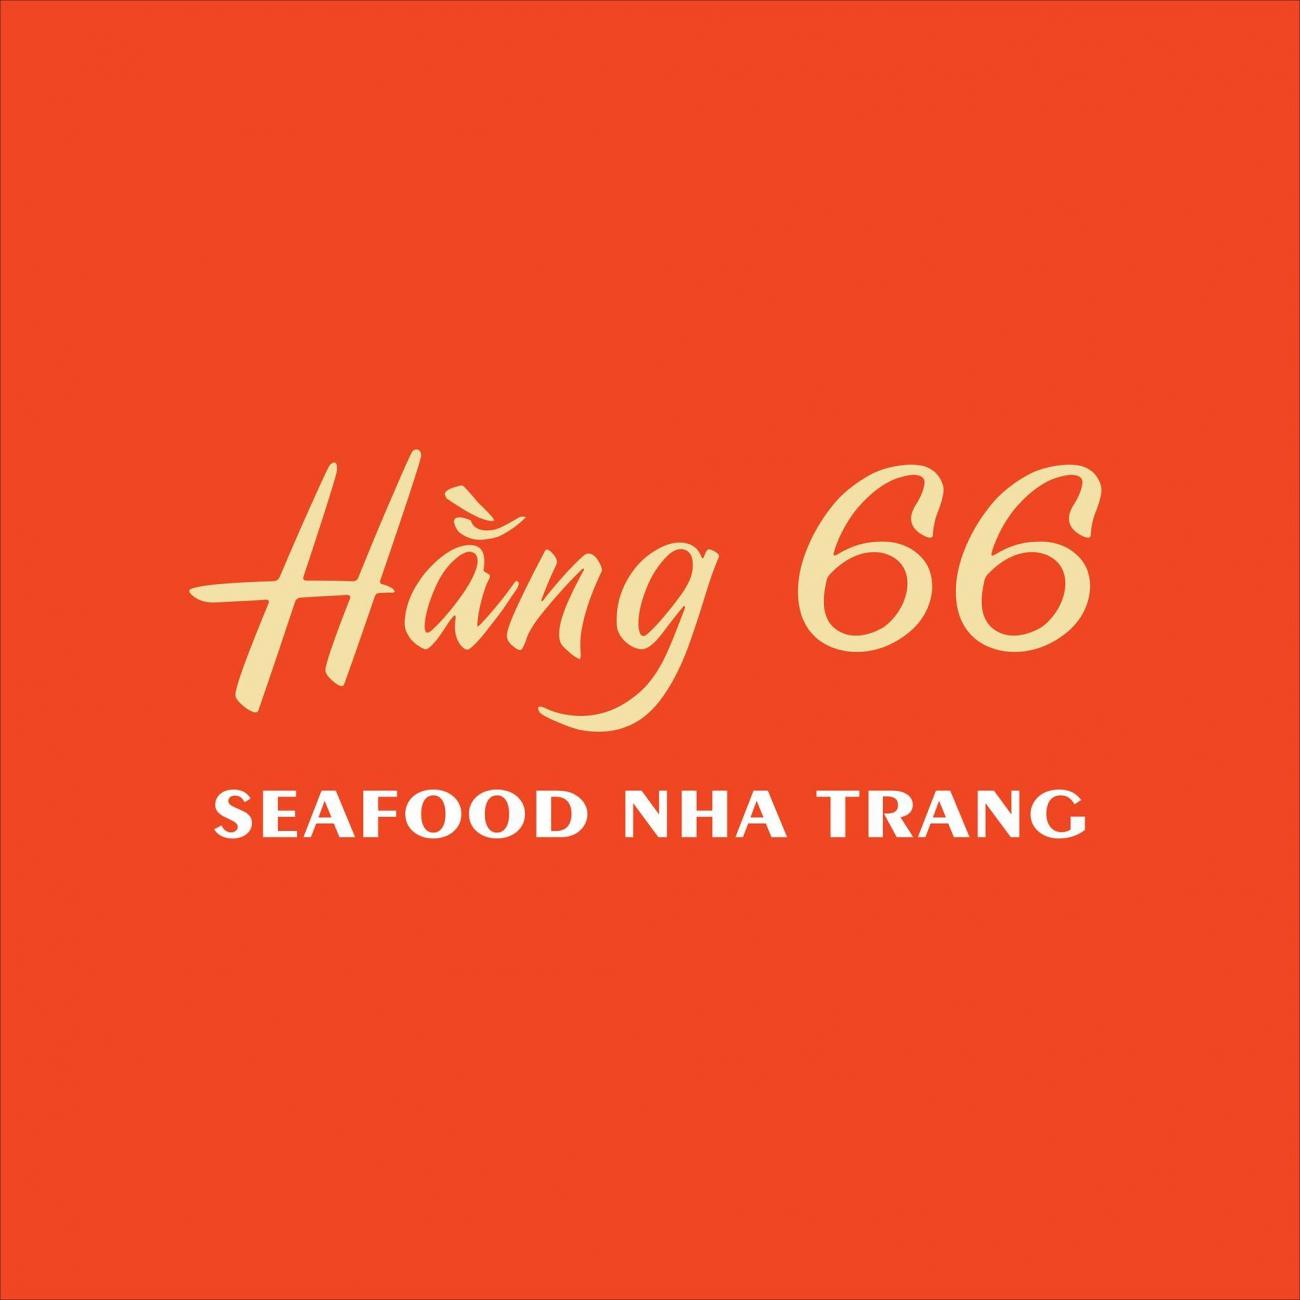 Hải sản tươi sống Hằng 66